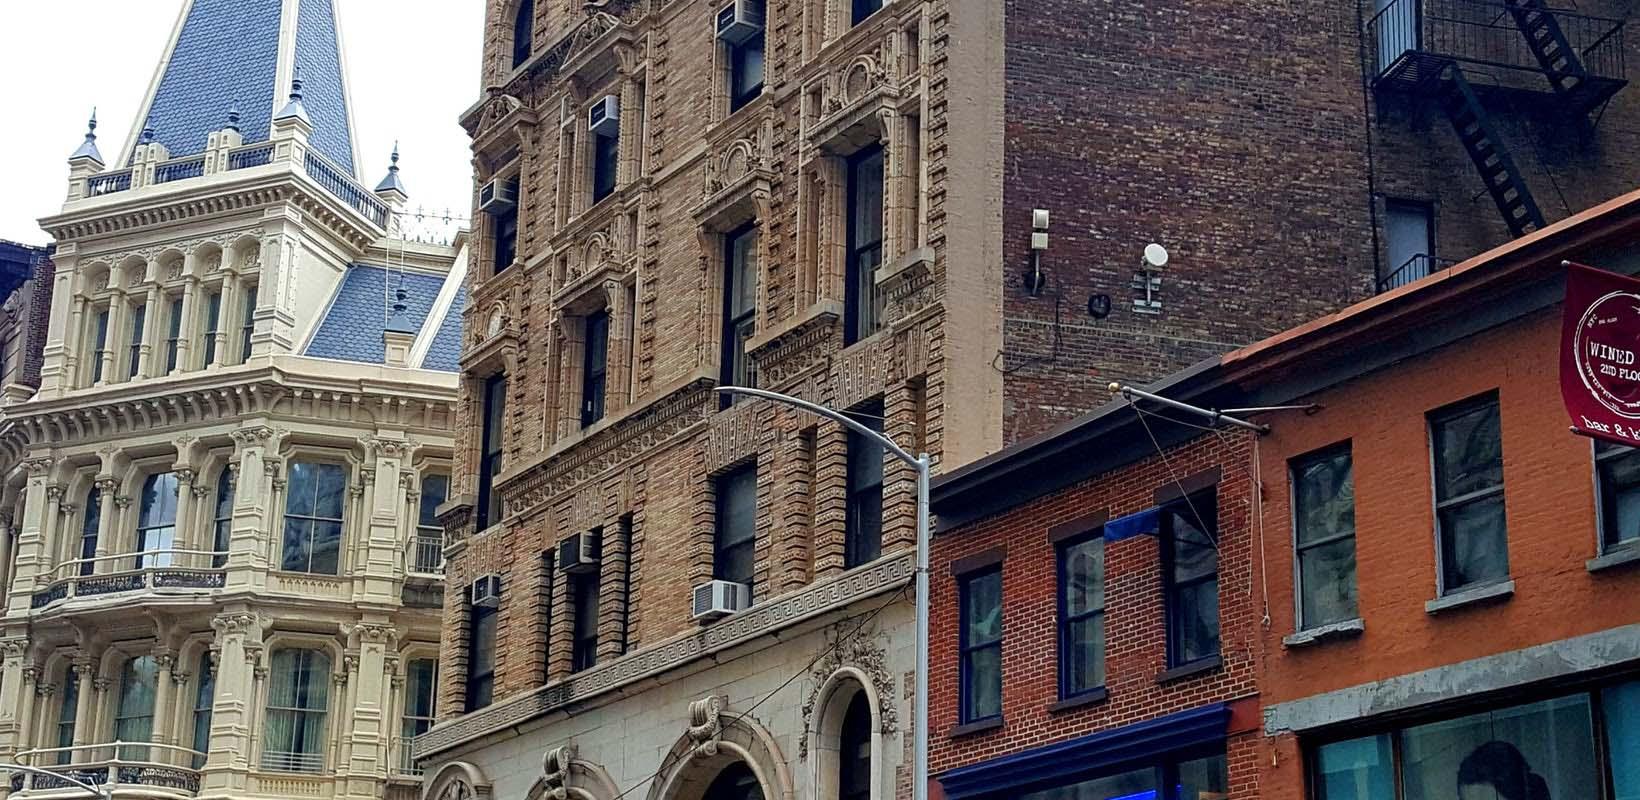 Ruins of a Forgotten City Manhattan walking tour